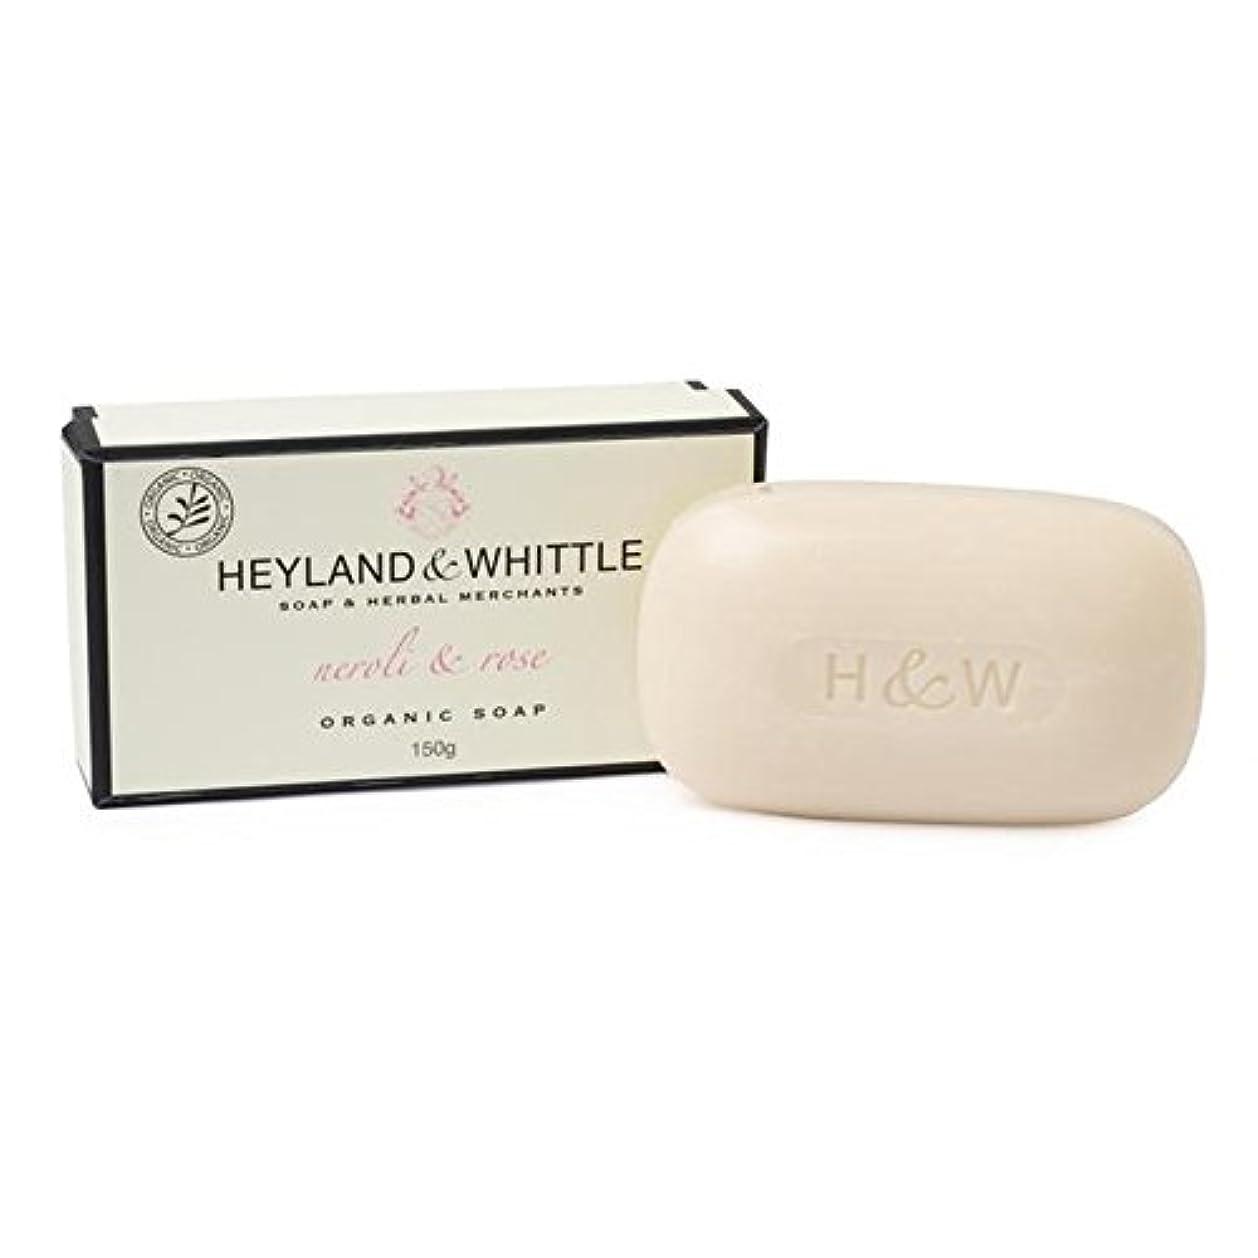 研磨剤トーク知性Heyland & Whittle Organic Neroli & Rose Soap Bar 150g - &削る有機ネロリ&ソープバー150グラムをバラ [並行輸入品]